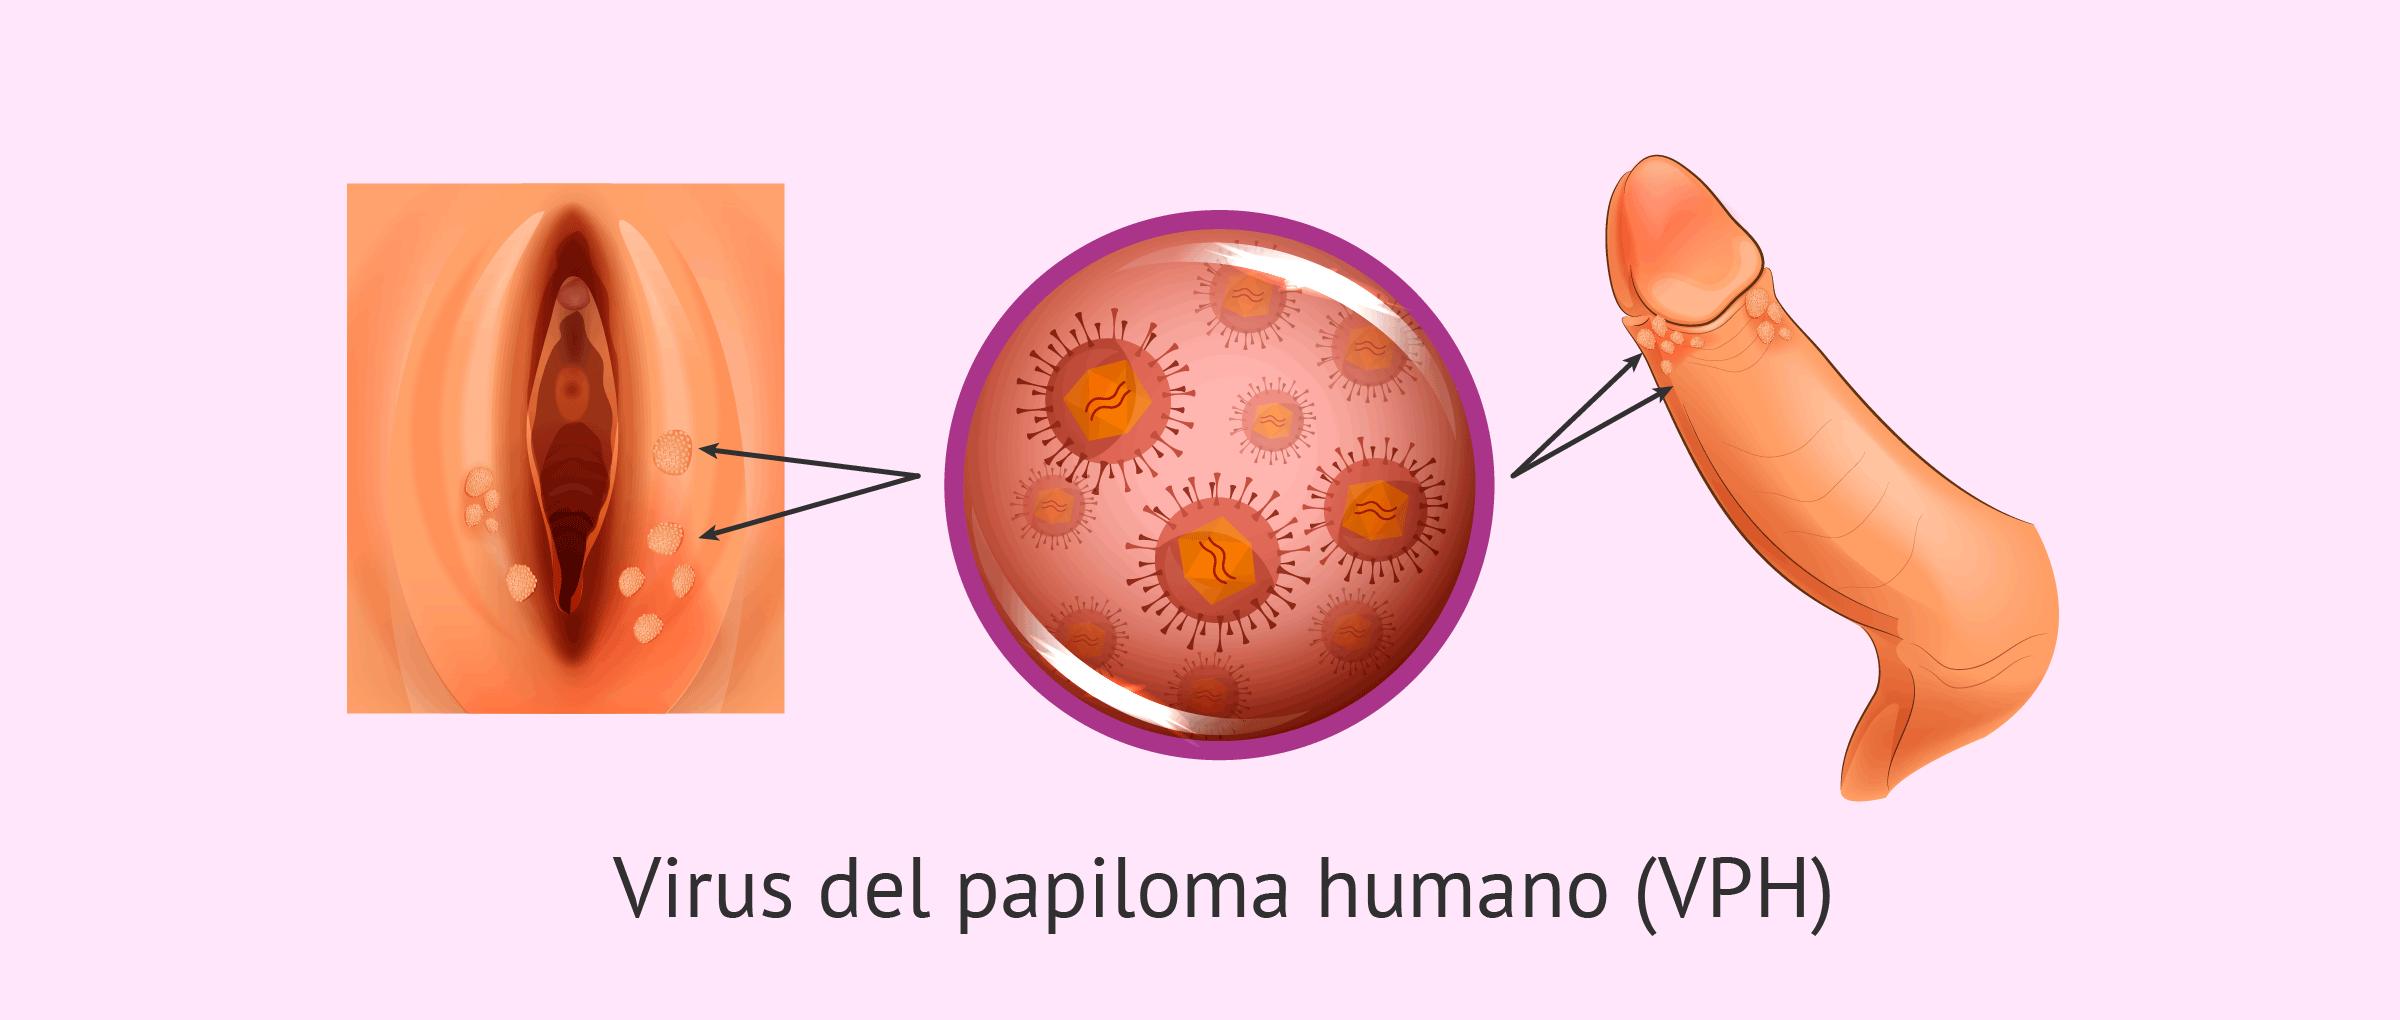 Tratamiento del virus del papiloma humano en hombres y mujeres